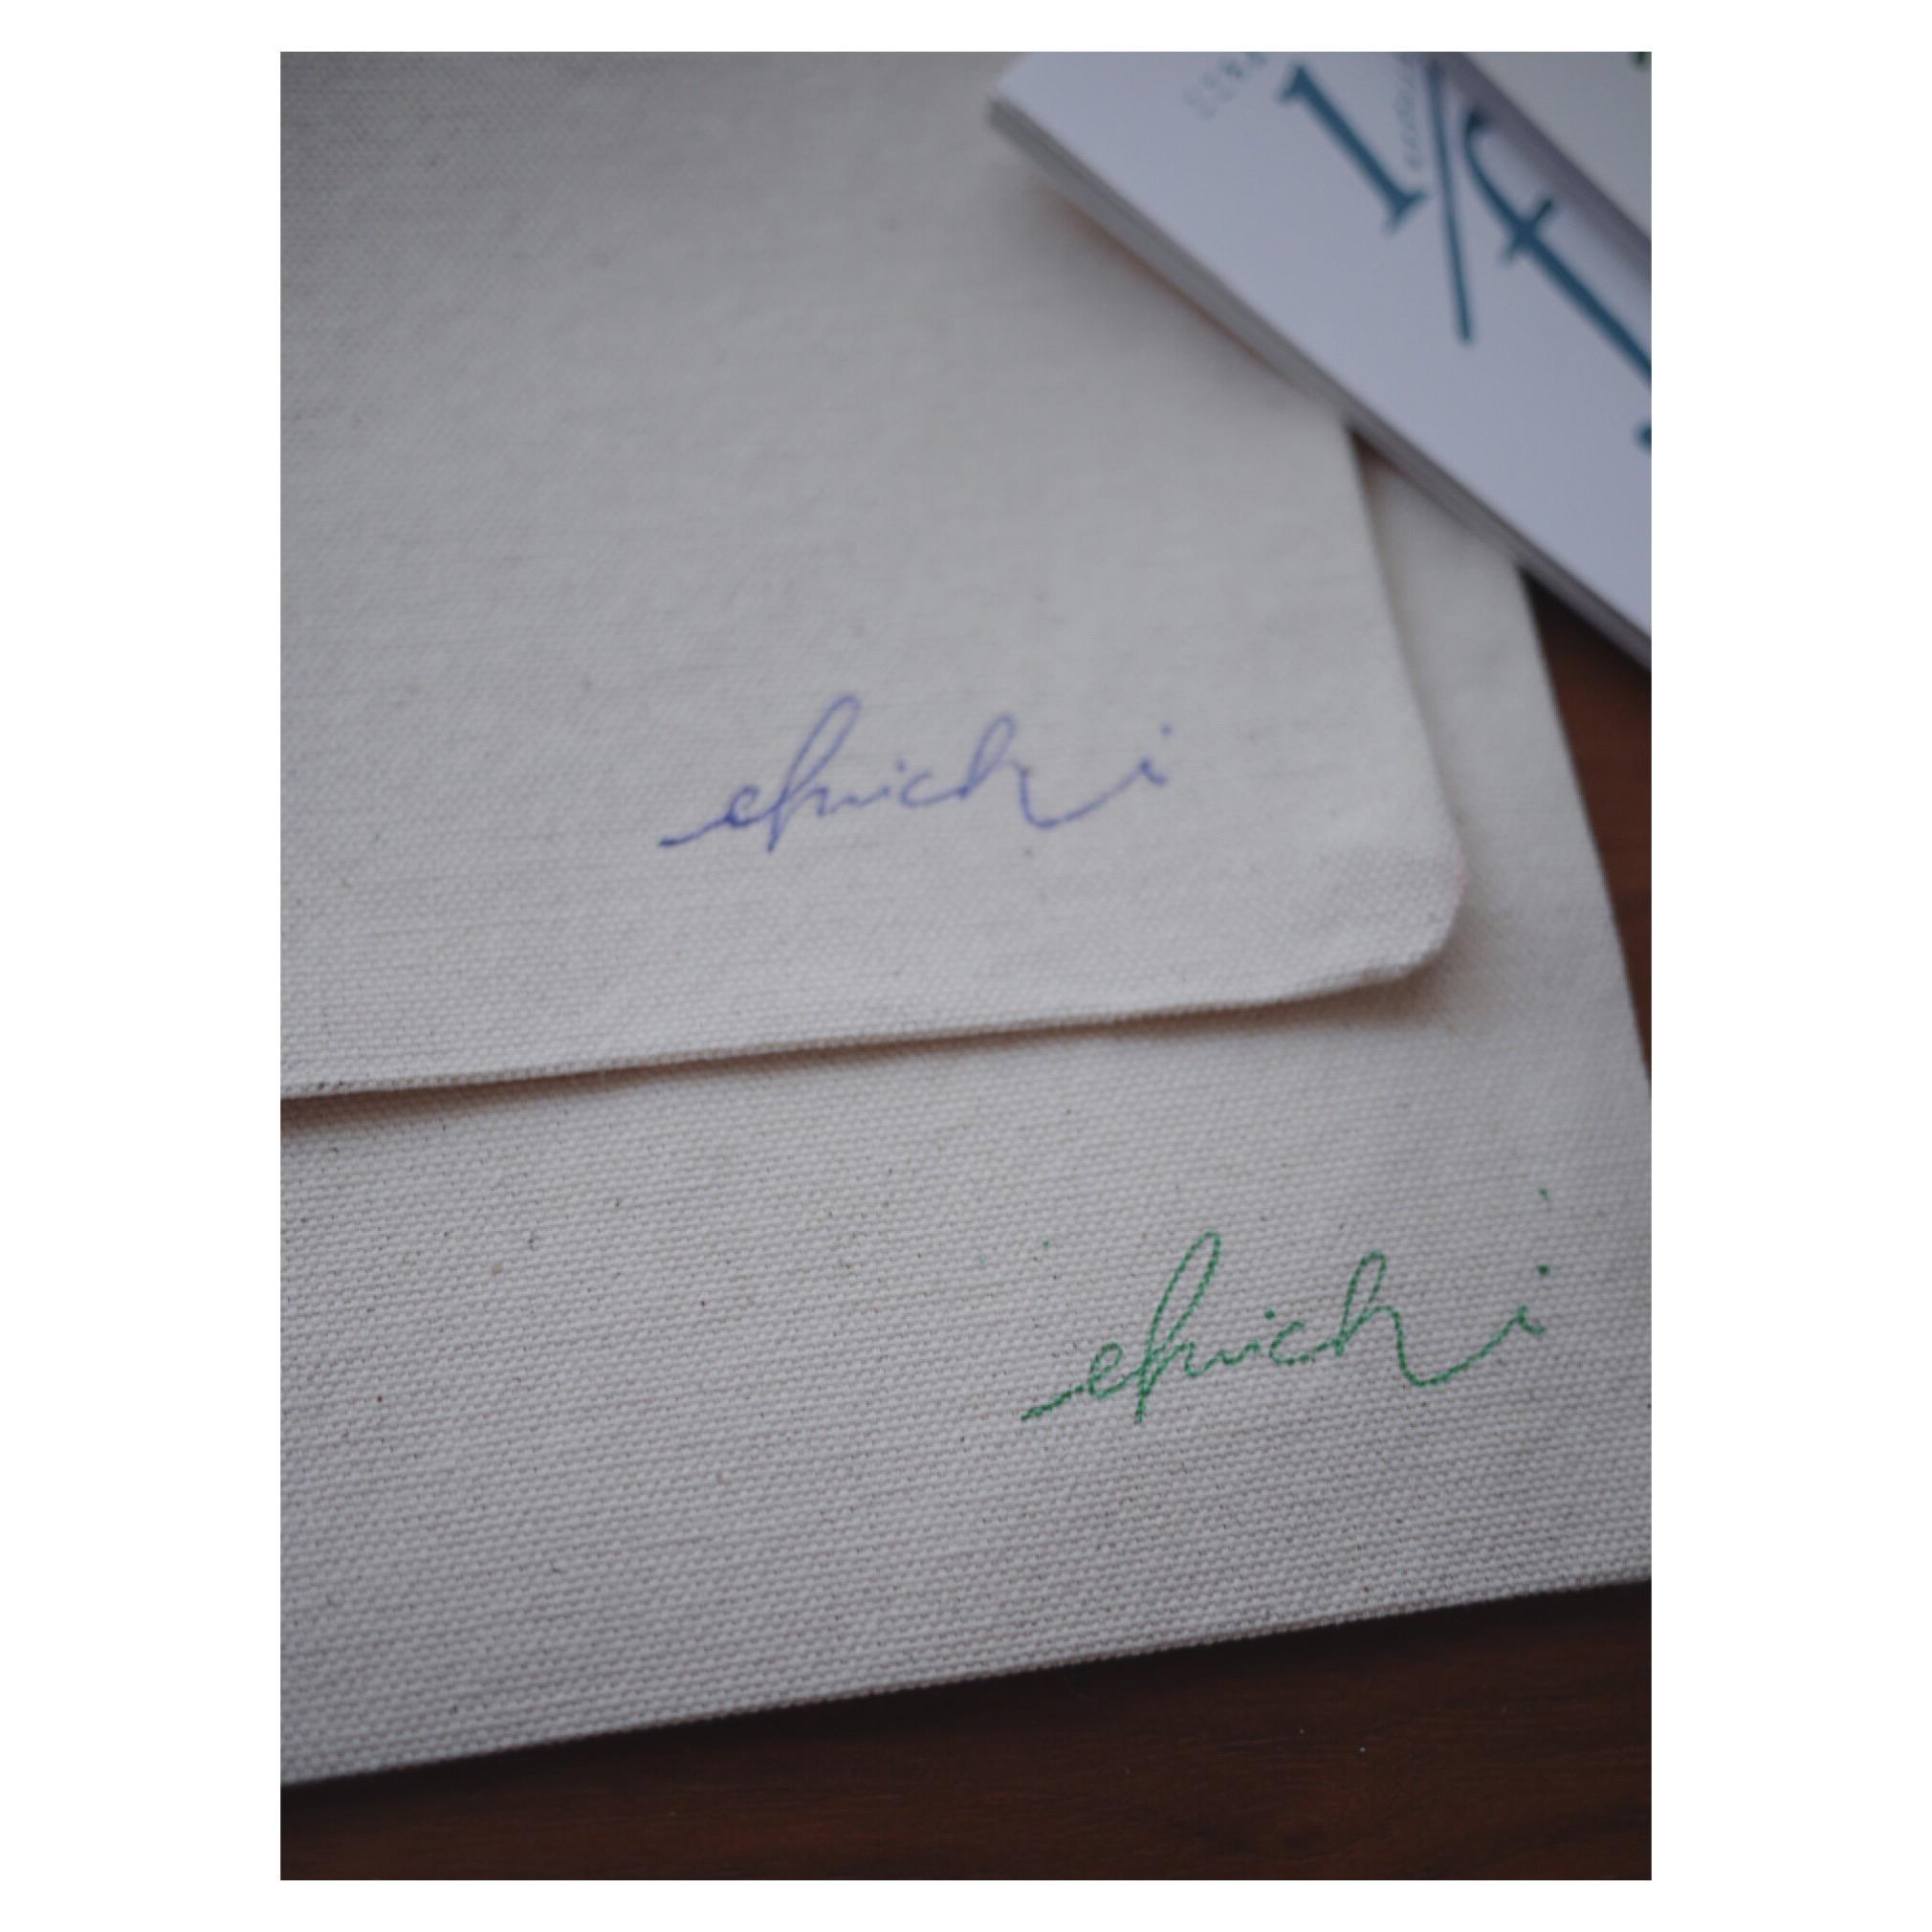 [ 5/16〜18まで ]エフイチサコッシュ先着プレゼント、スタート。お手紙同封もします。